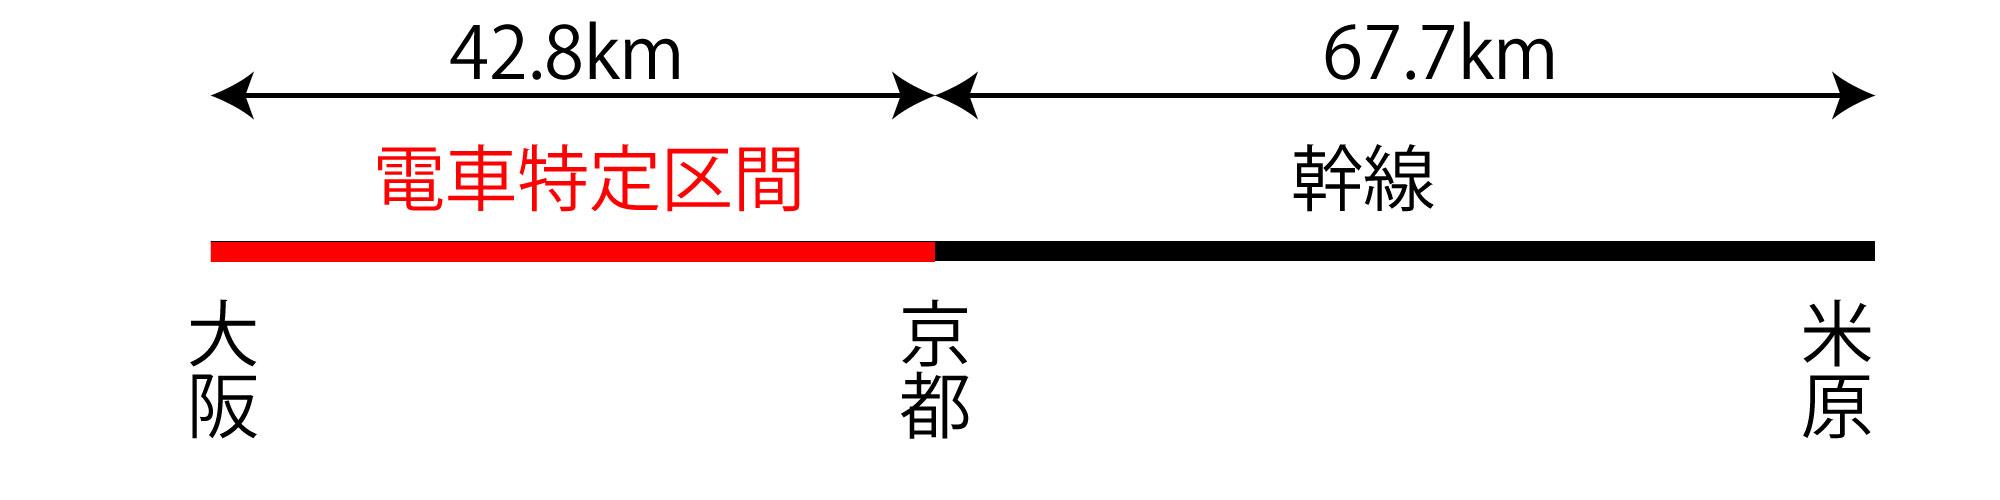 京都で切って考えた米原から大阪までの経路